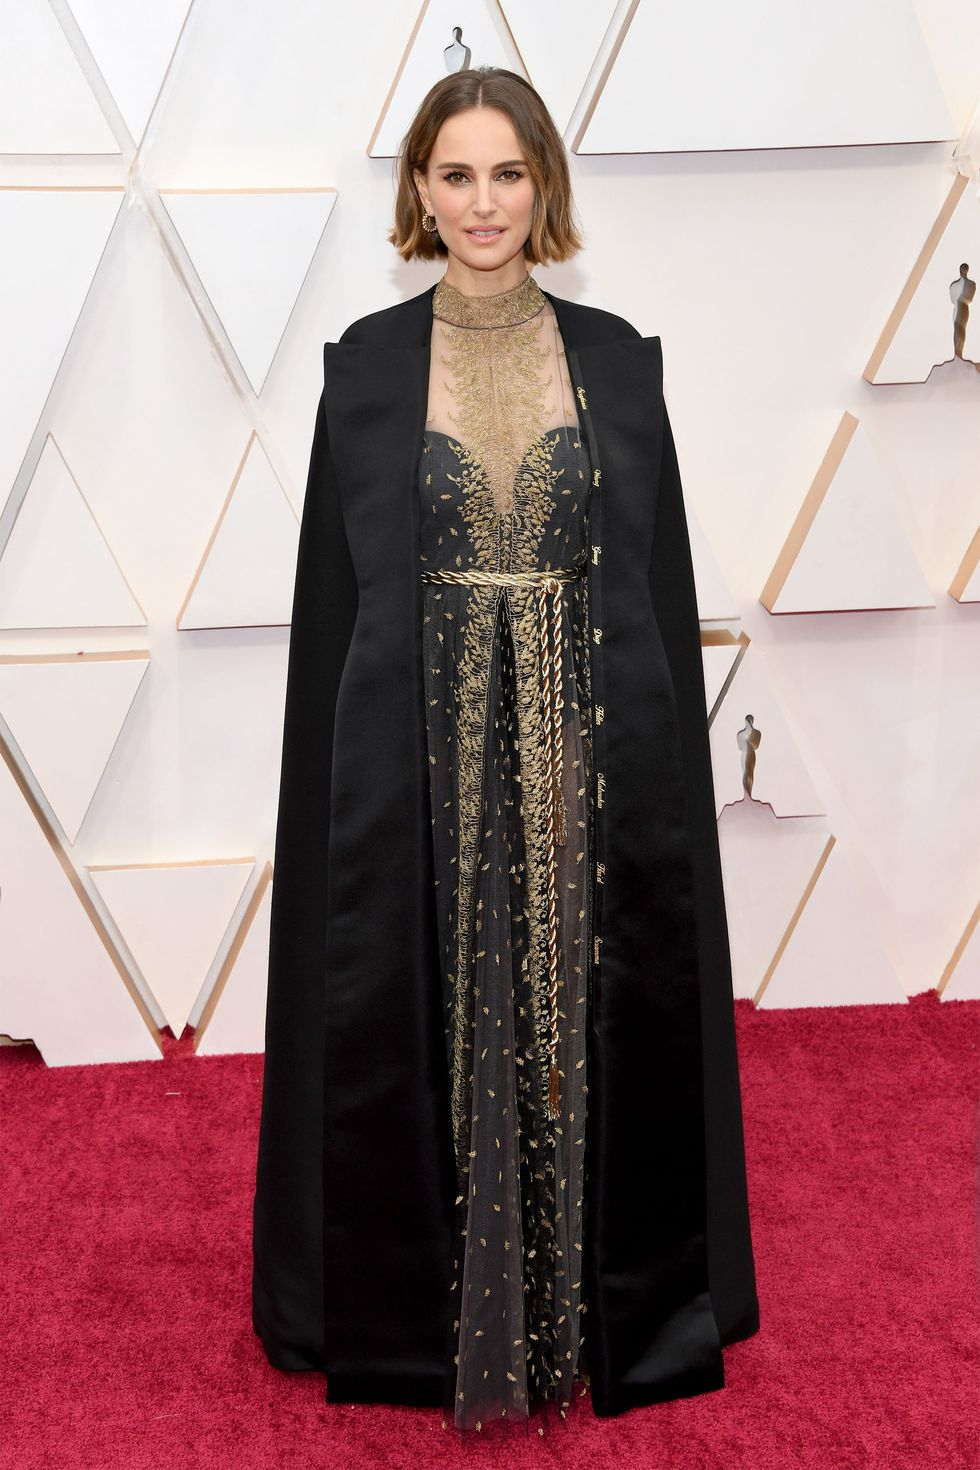 Az Oscar díj gála legszebb öltözékei a vörös szőnyegen- 2020 - voros-szonyeg-2, ujdonsagok -